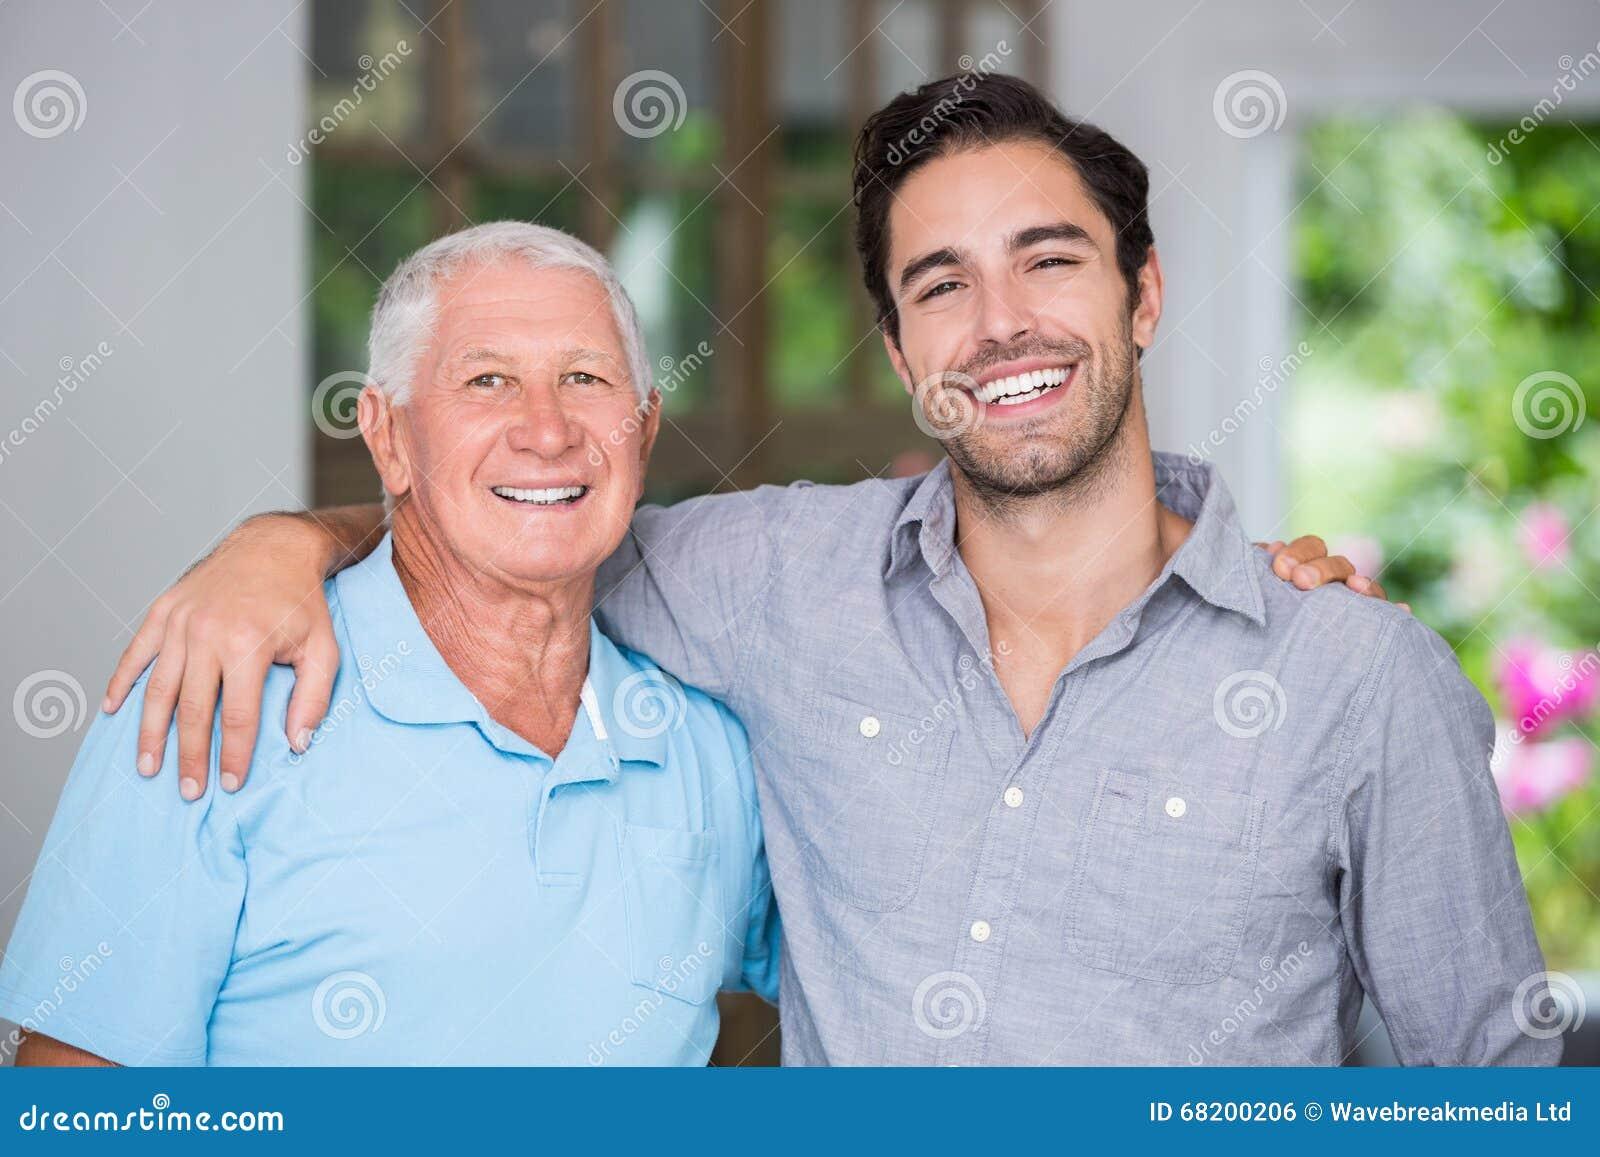 Ritratto del padre e del figlio sorridenti con il braccio intorno